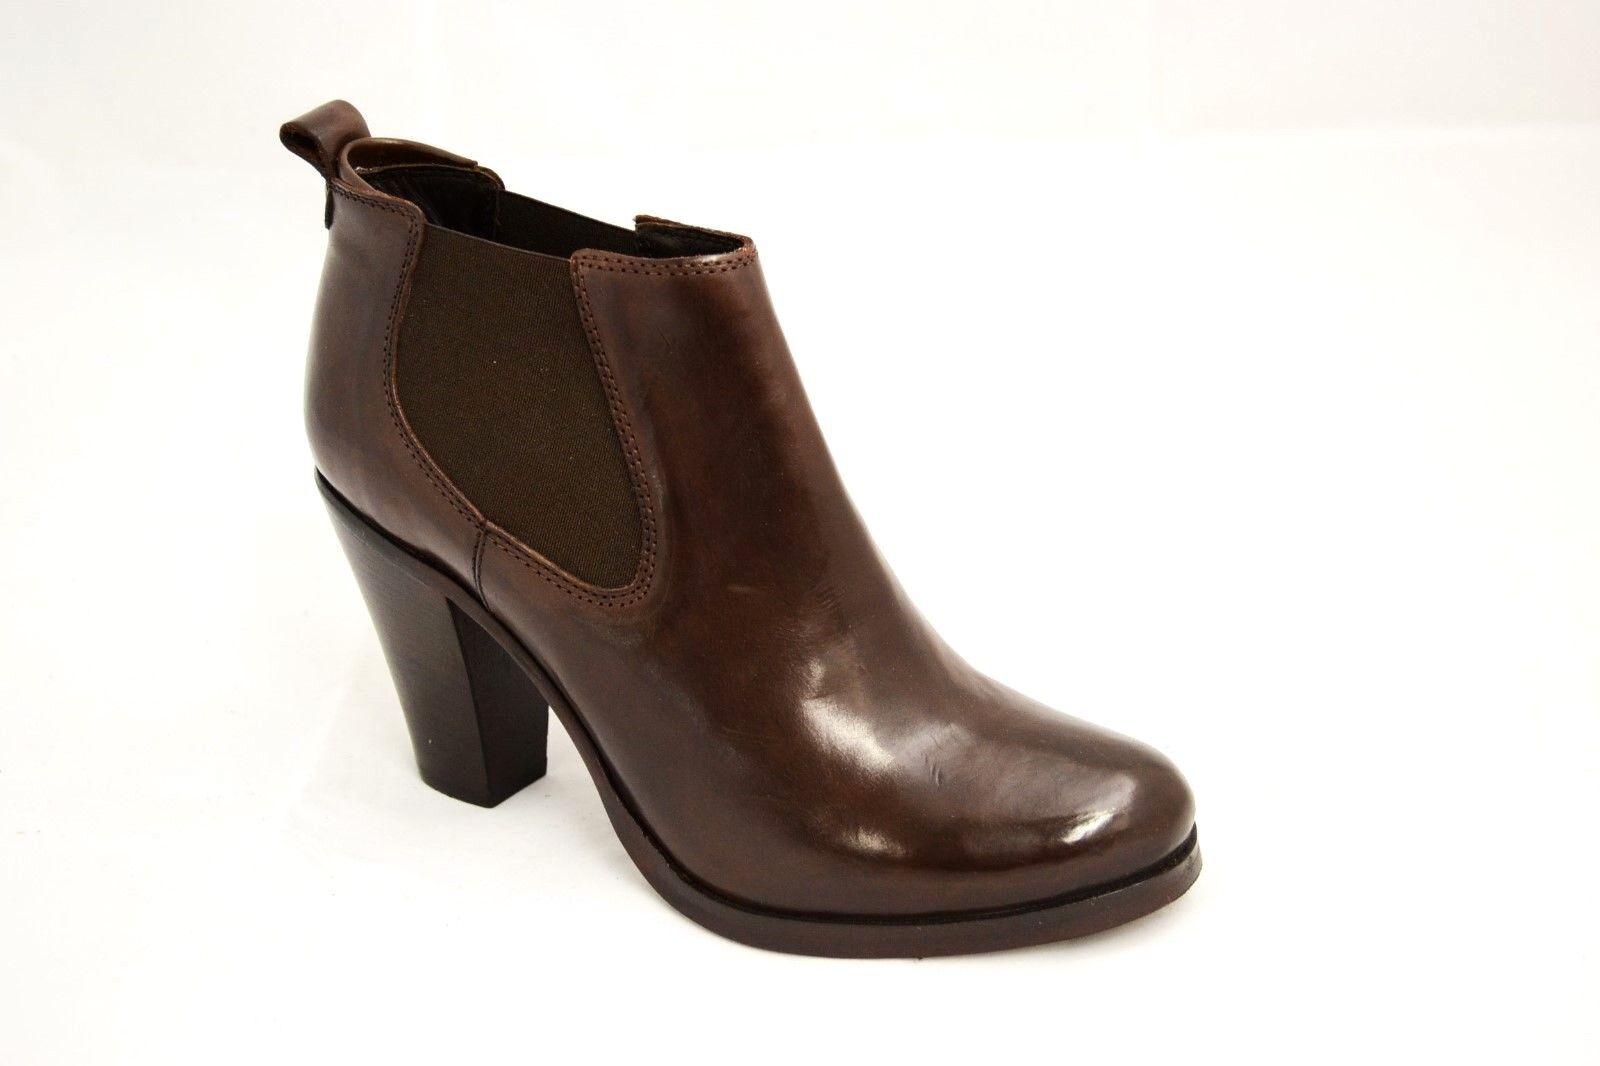 Zapatos especiales con descuento SCARPE STIVALETTI DONNA MARRONE 37 VERA PELLE MADE IN ITALY CON ELASTICO